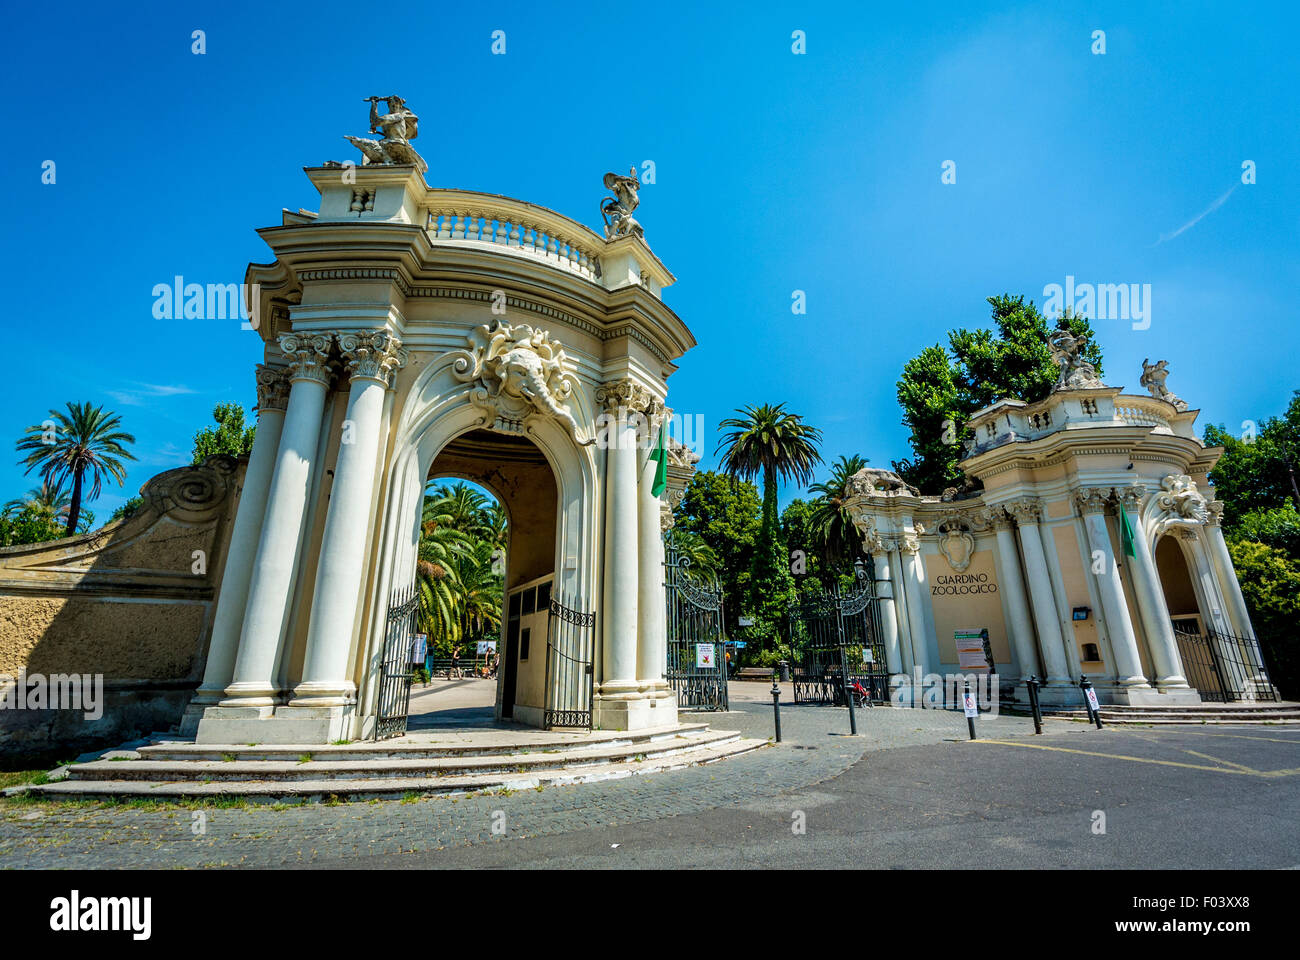 Entrance to the Bioparco zoo, Borghese Gardens, Rome